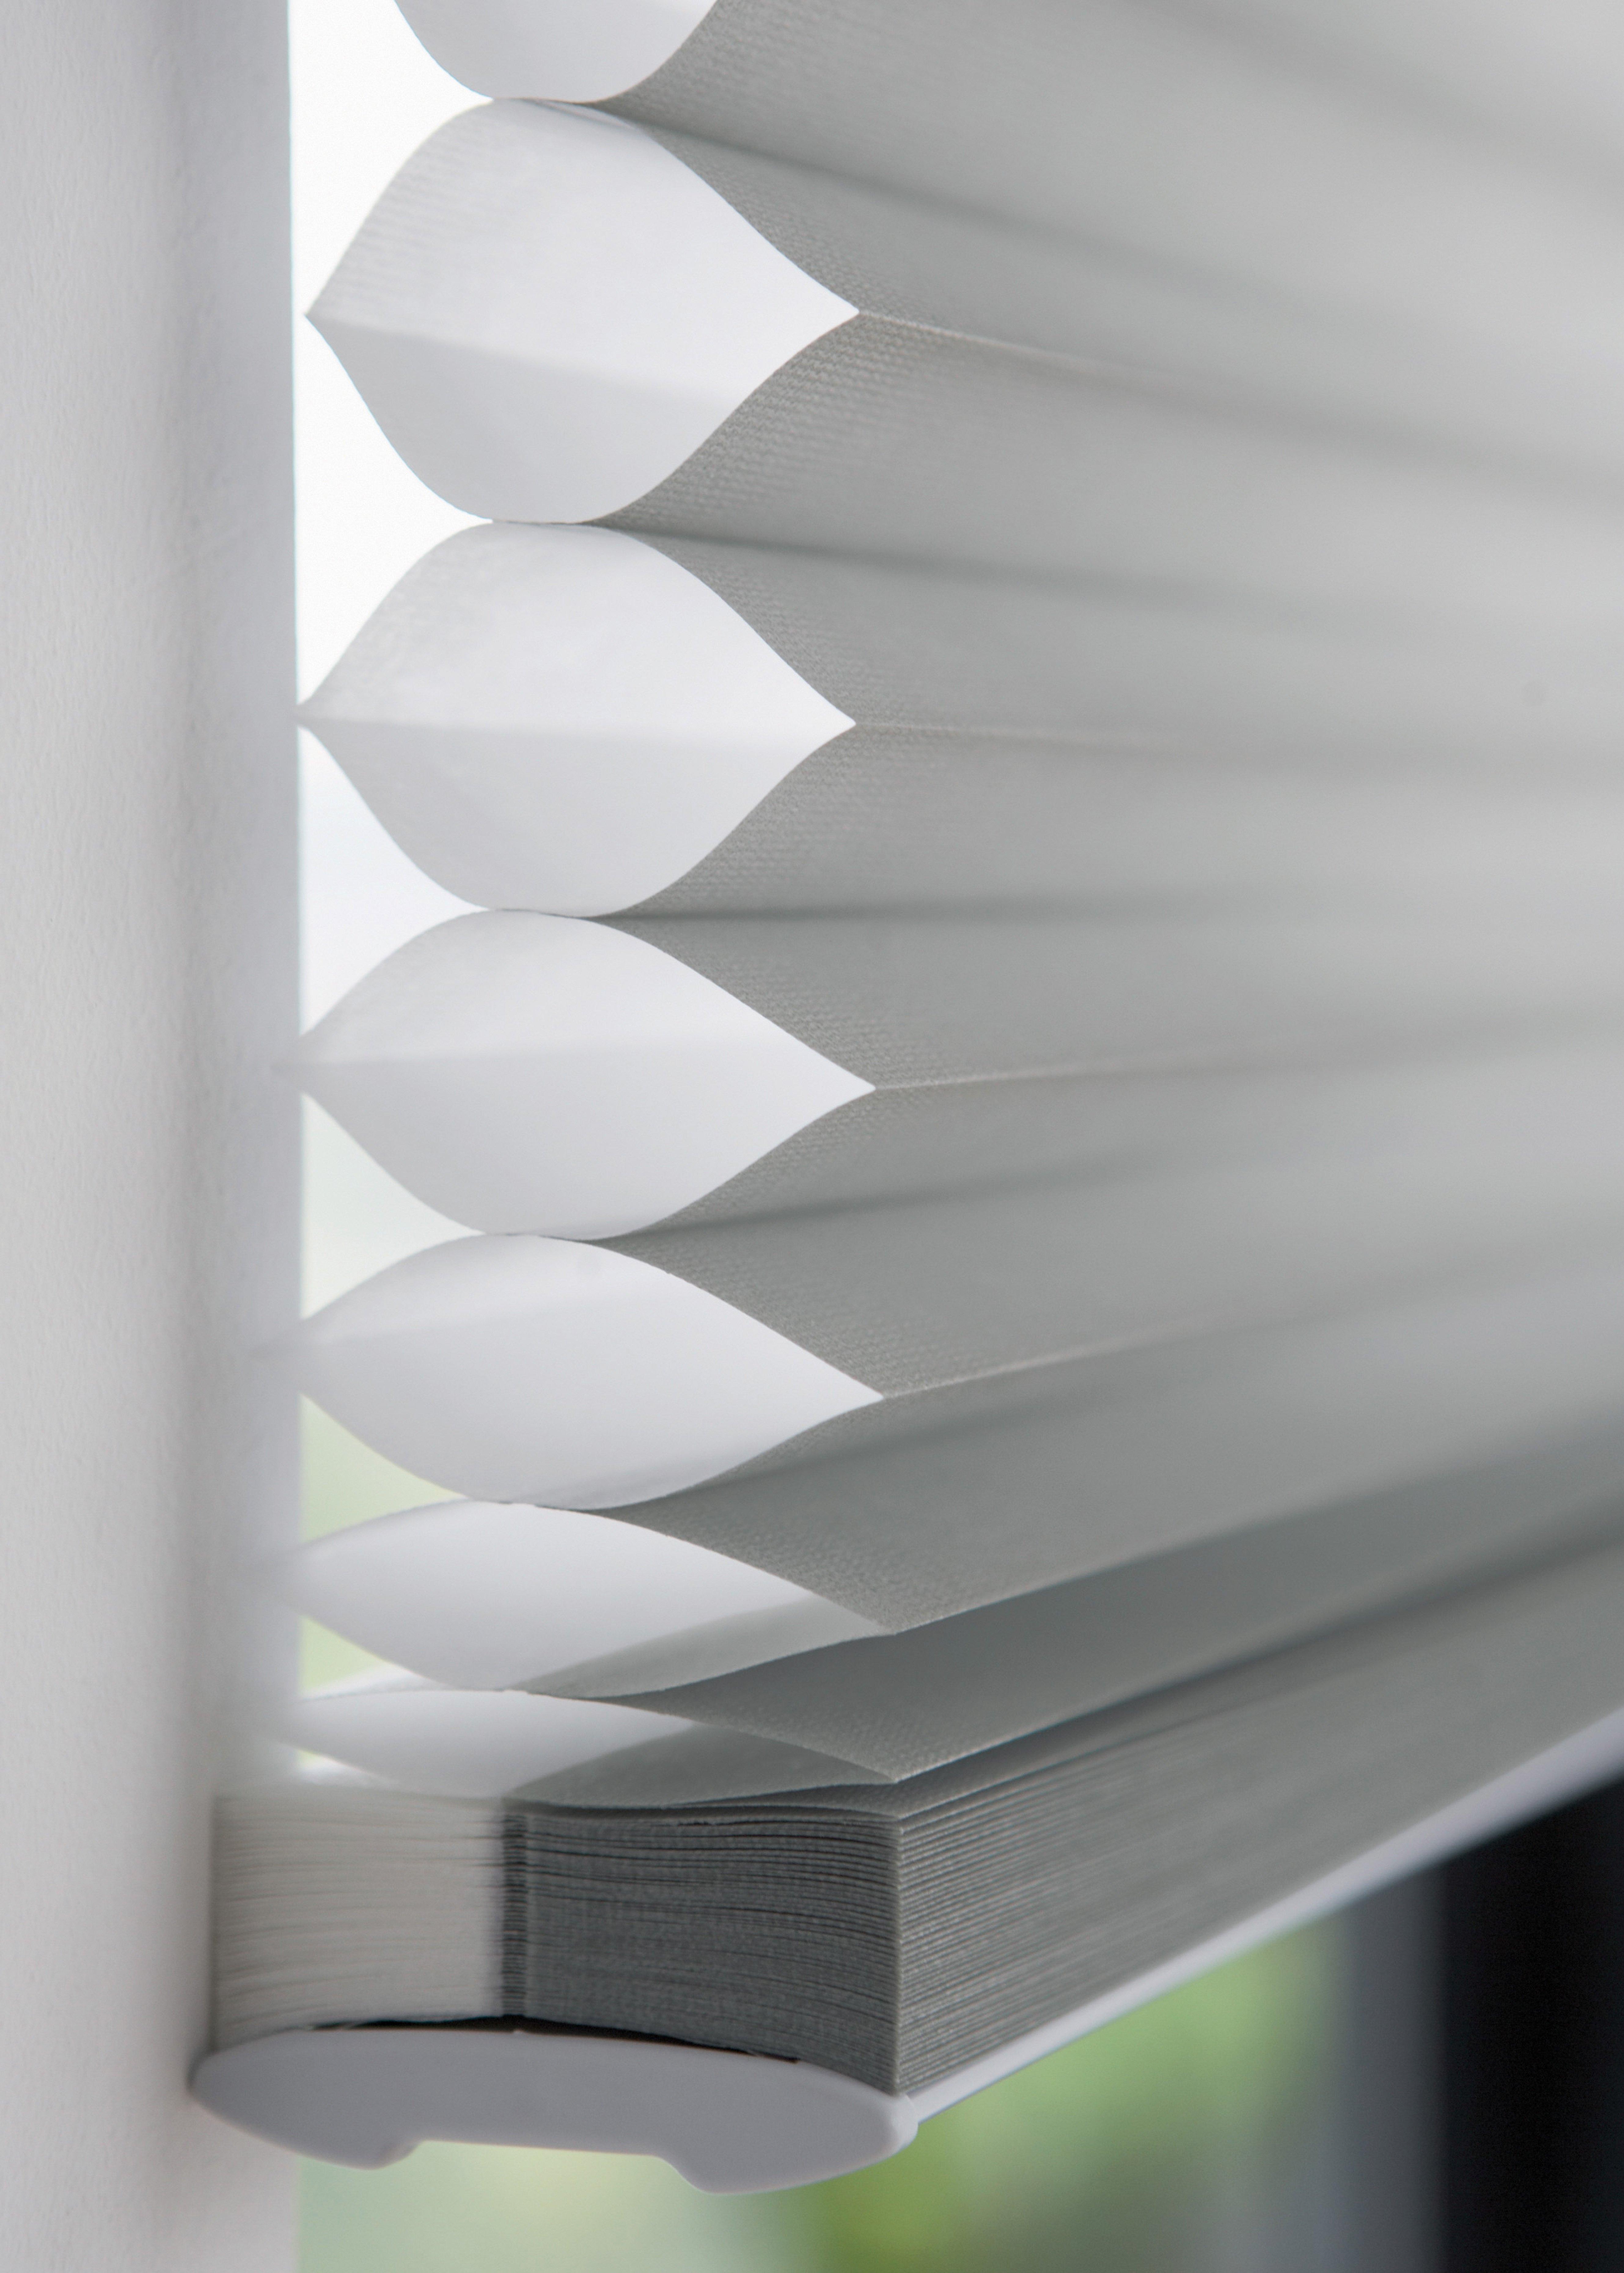 stylish blinds